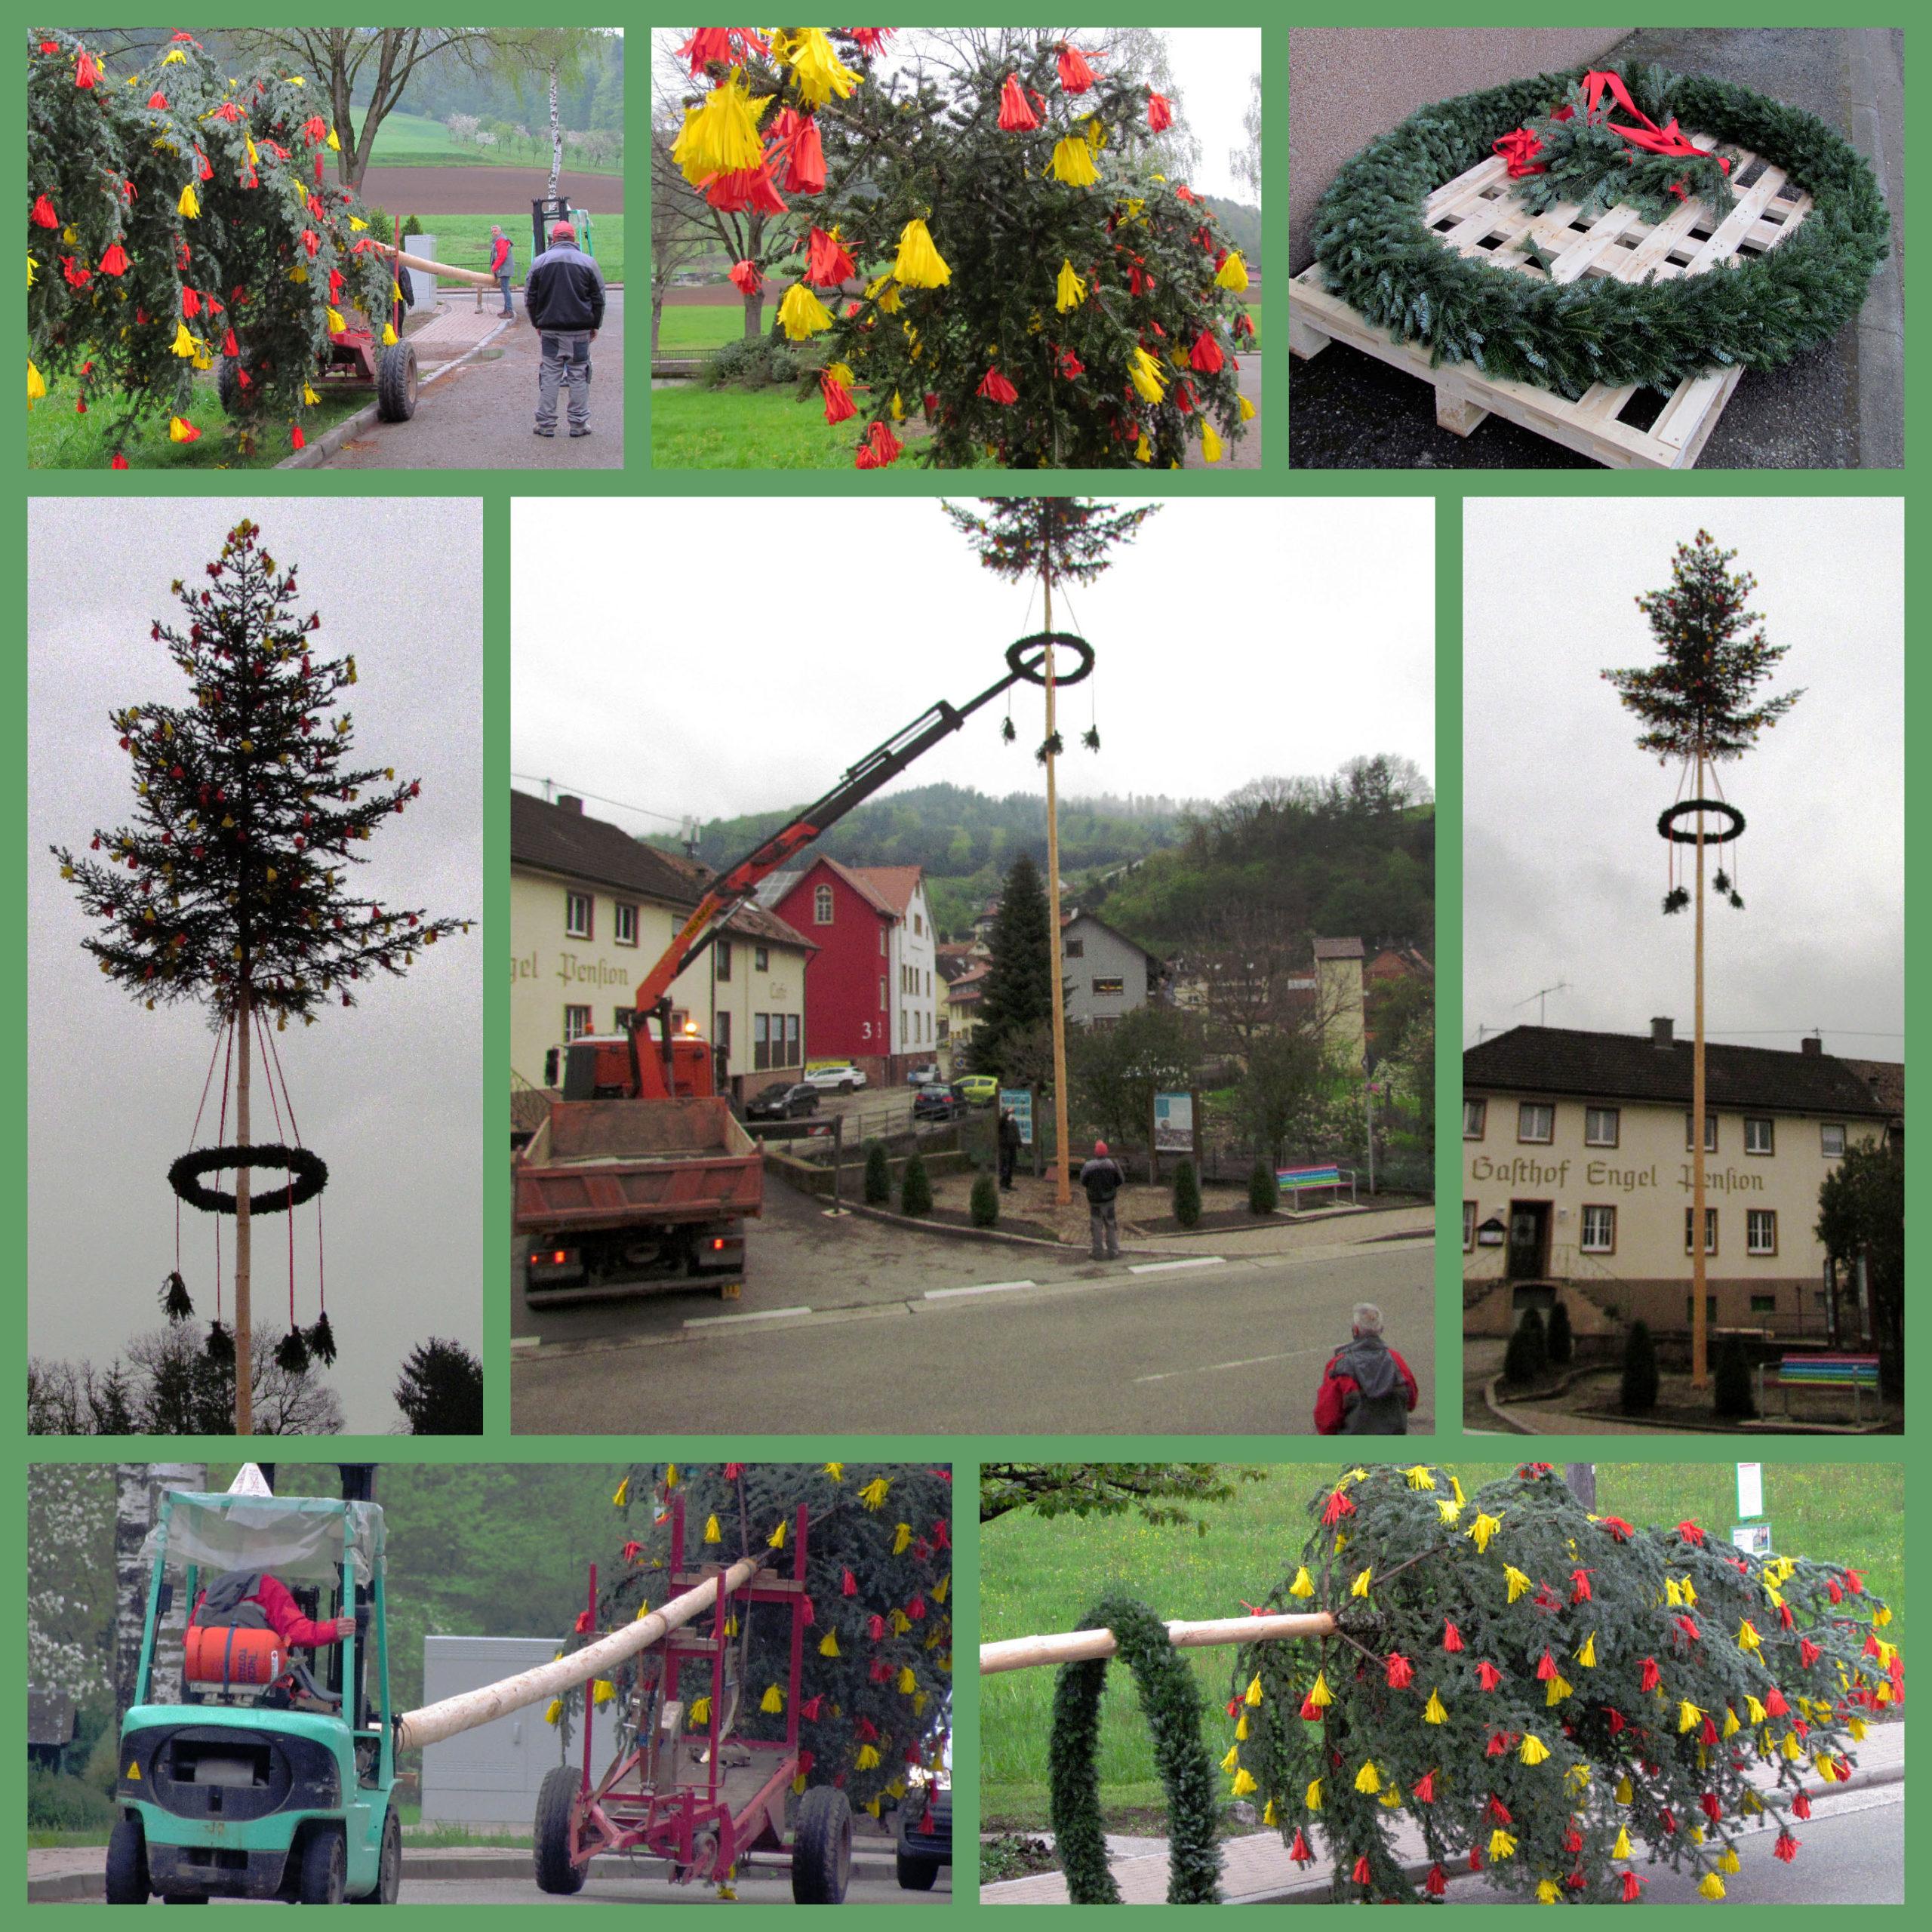 Die Collage gibt einen kleinen Überblick vom Maibaumstellen 2021 am Vorabend zum 1. Mai-Feiertag.